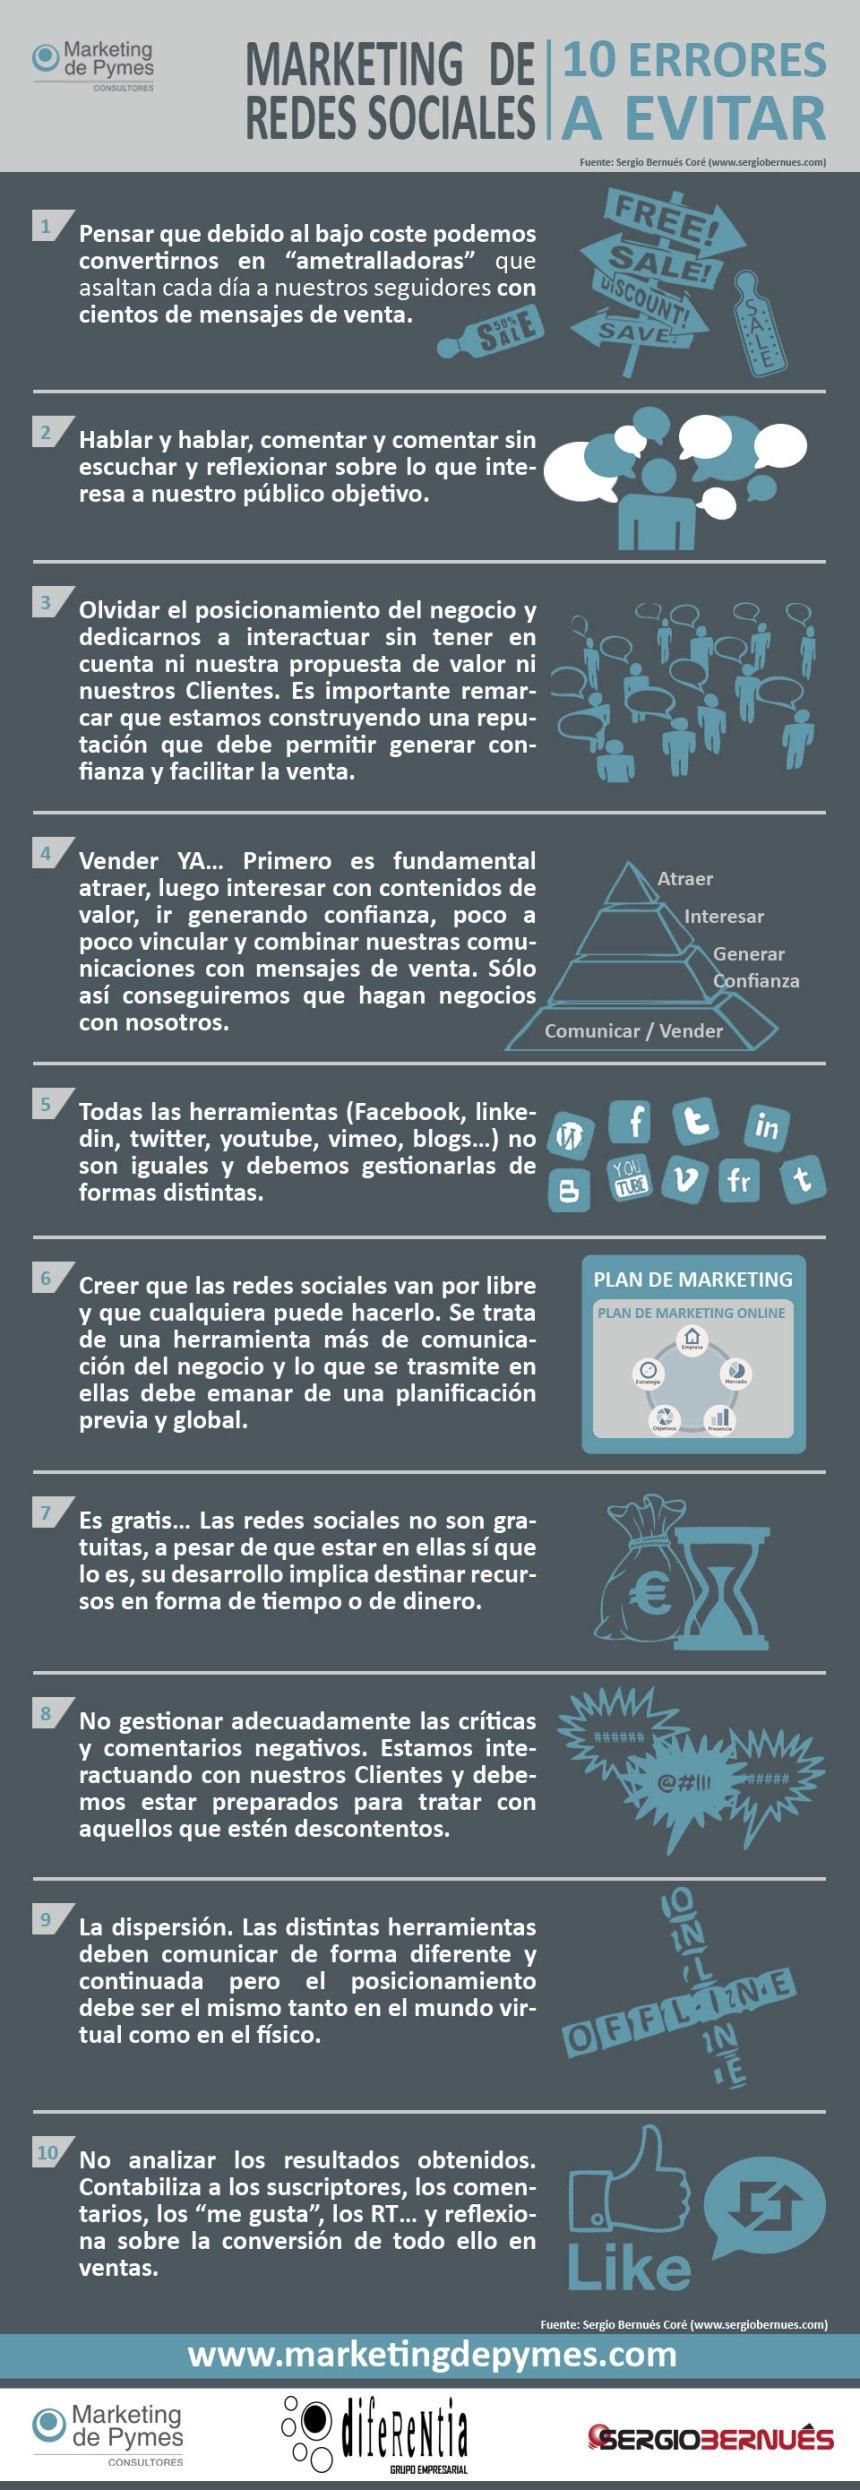 10 errores en marketing en Redes Sociales